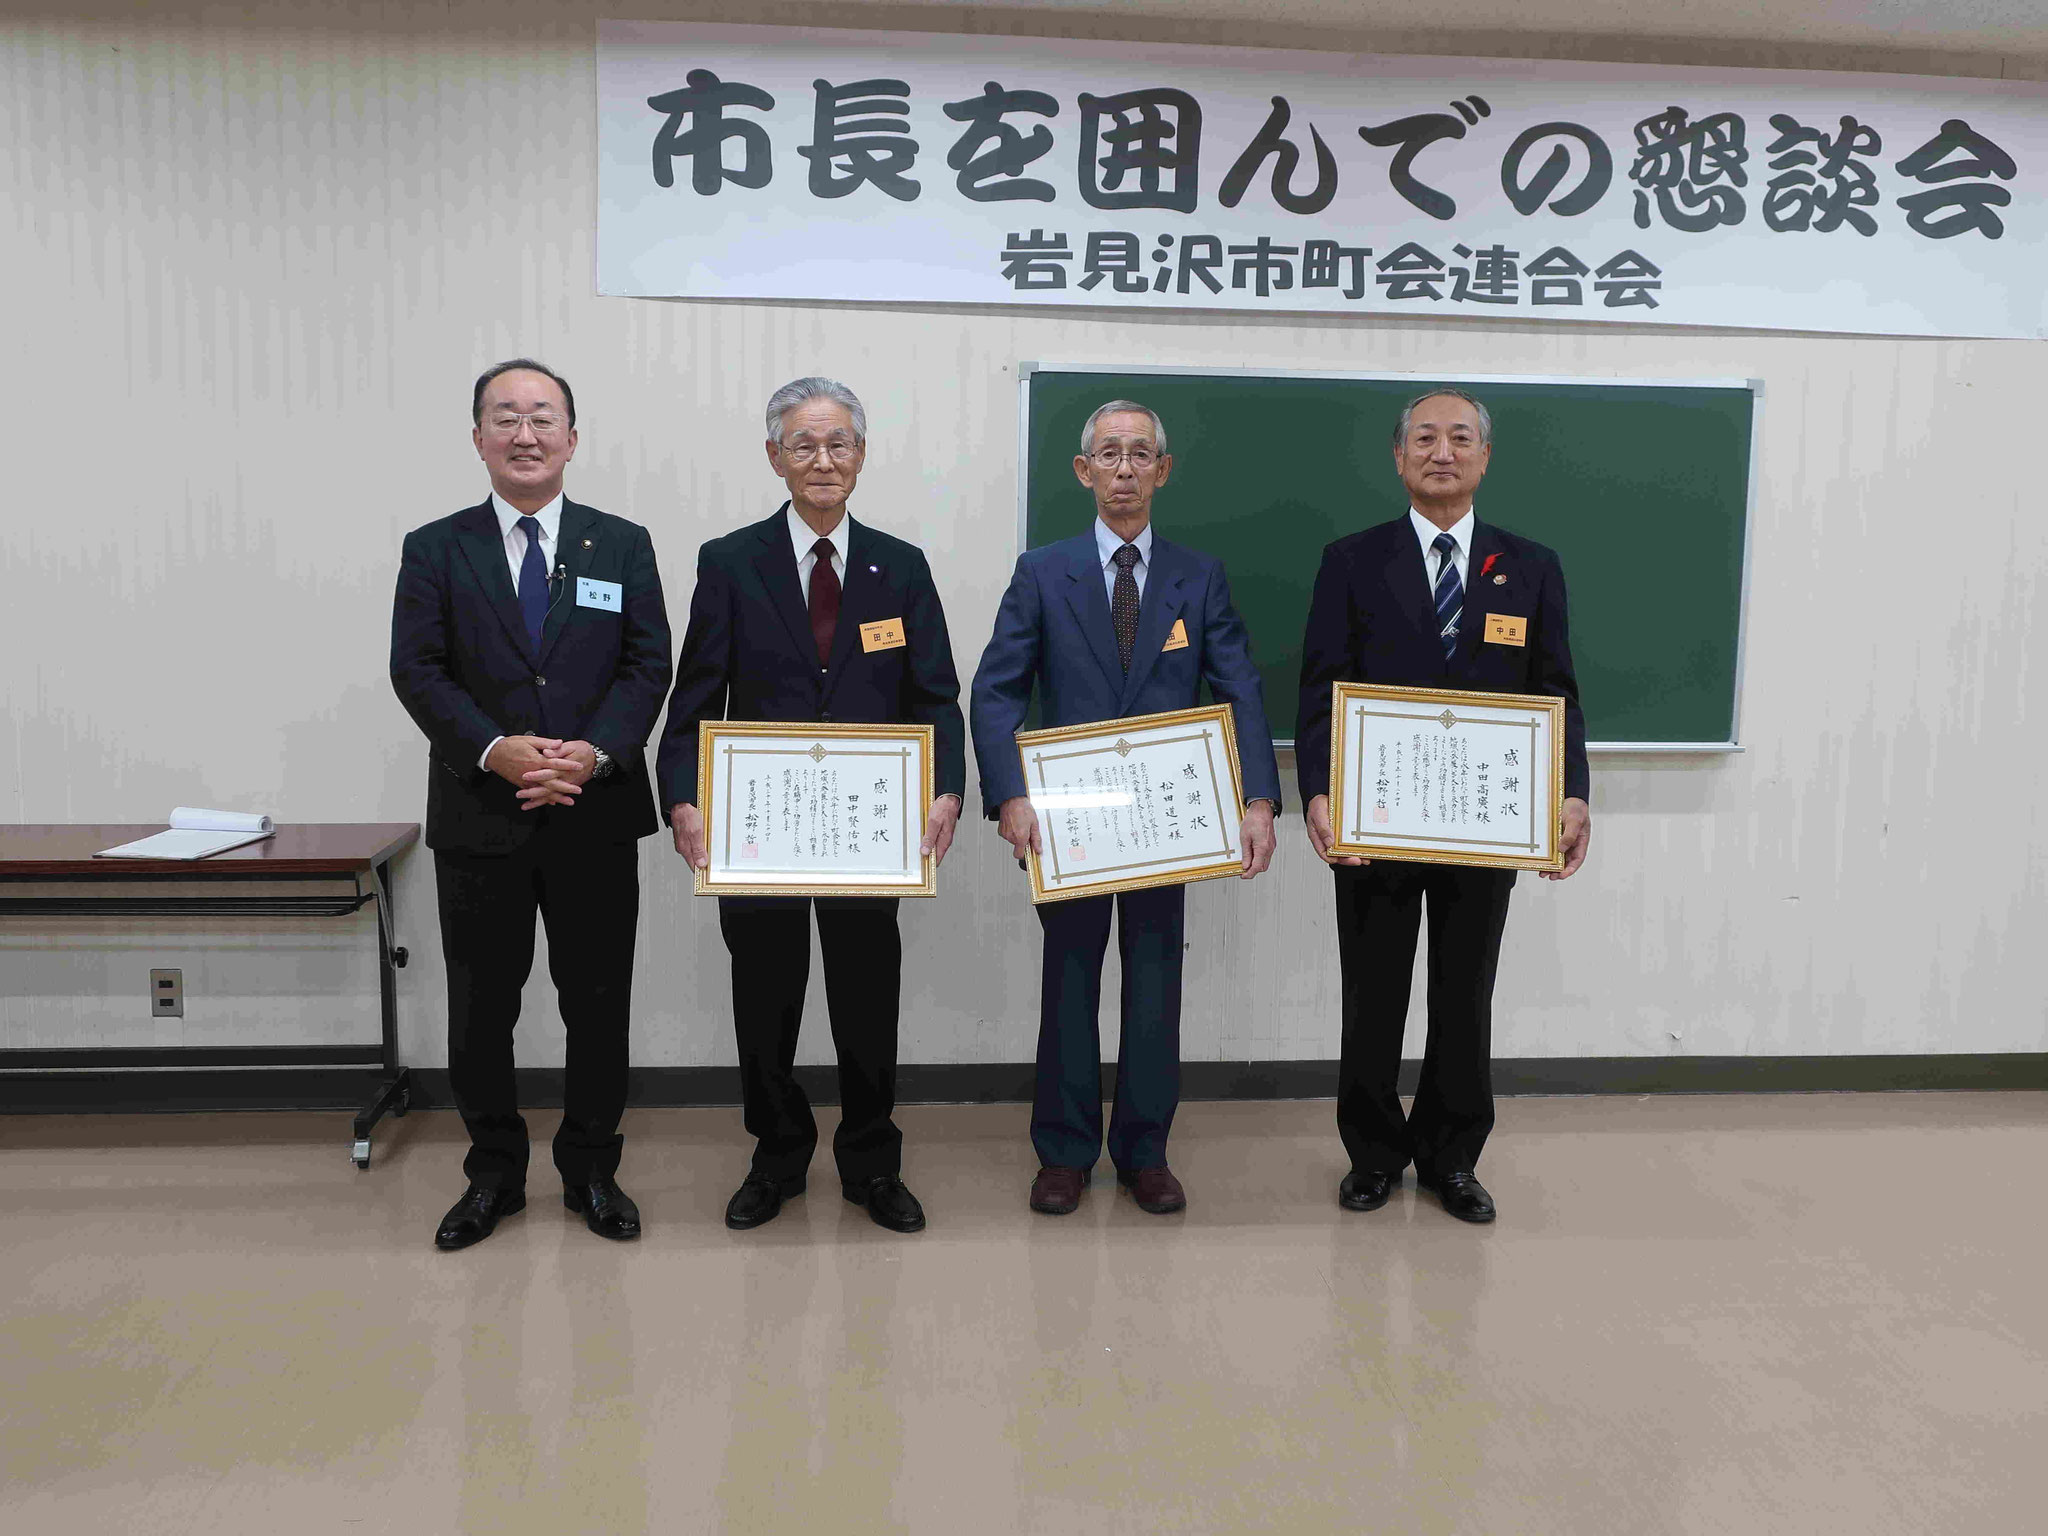 感謝状贈呈者(左から)田中氏、松田氏、中田氏